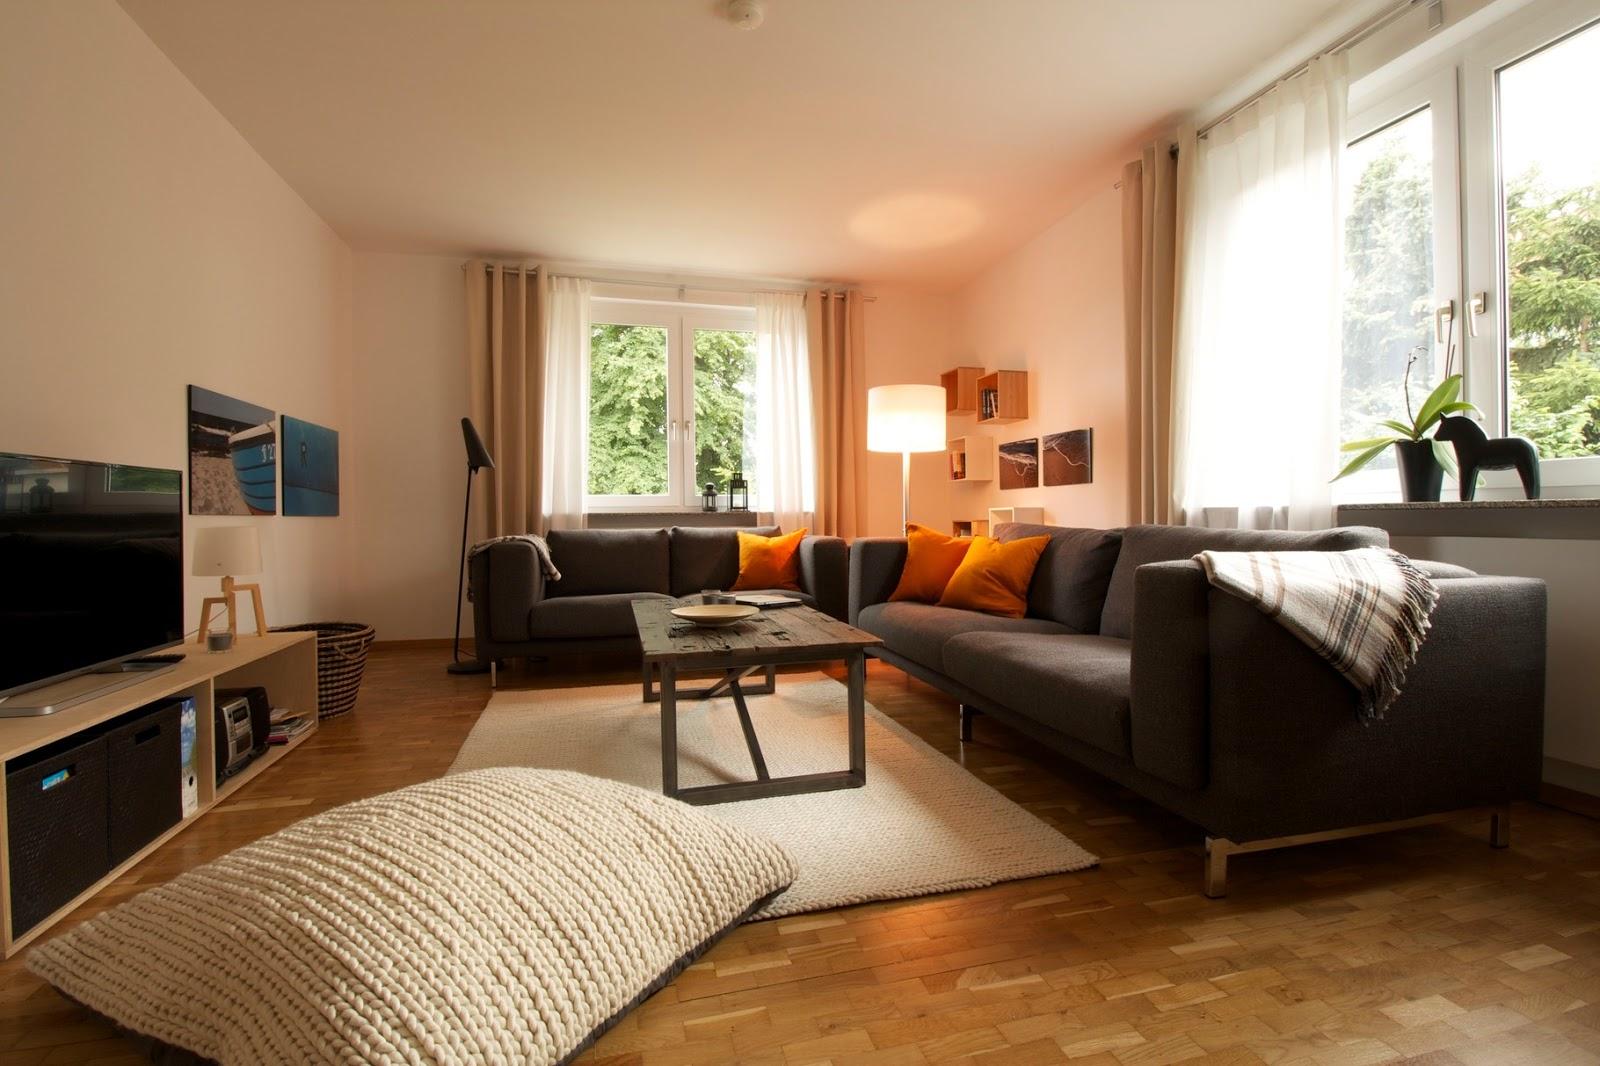 wohnzimmer computer - Home Creation